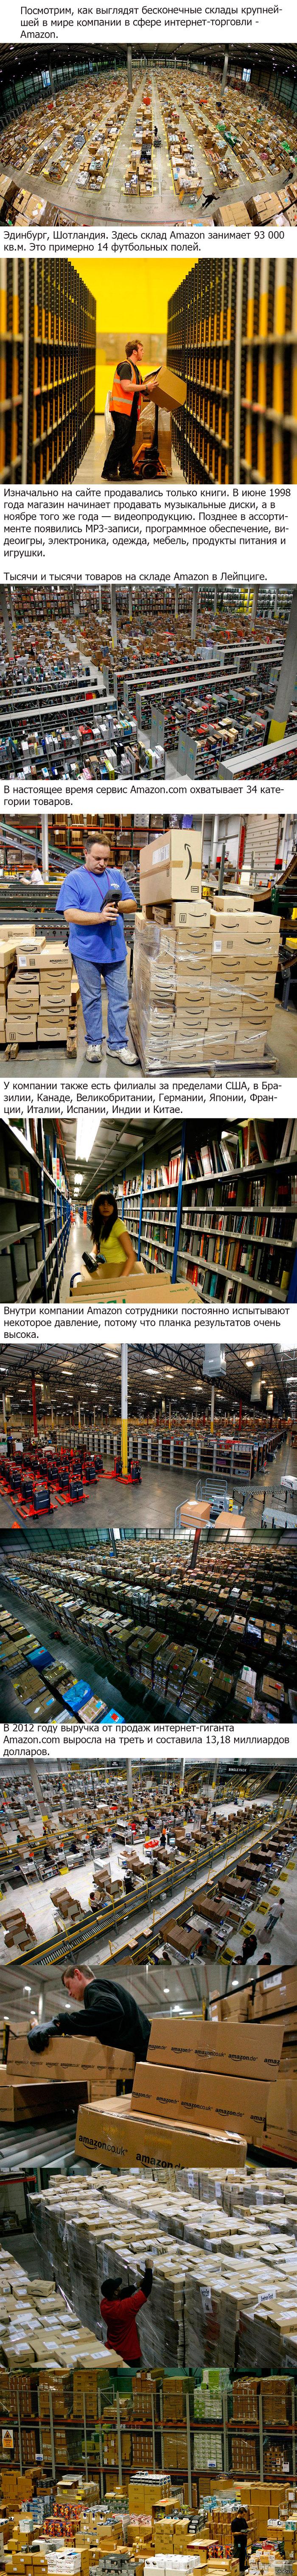 Крупнейшая в мире компания в сфере интернет-торговли Amazon — американская компания, крупнейшая в мире по обороту среди продающих товары и услуги через Интернет. Компания Amazon.com была создана в 1994 году.